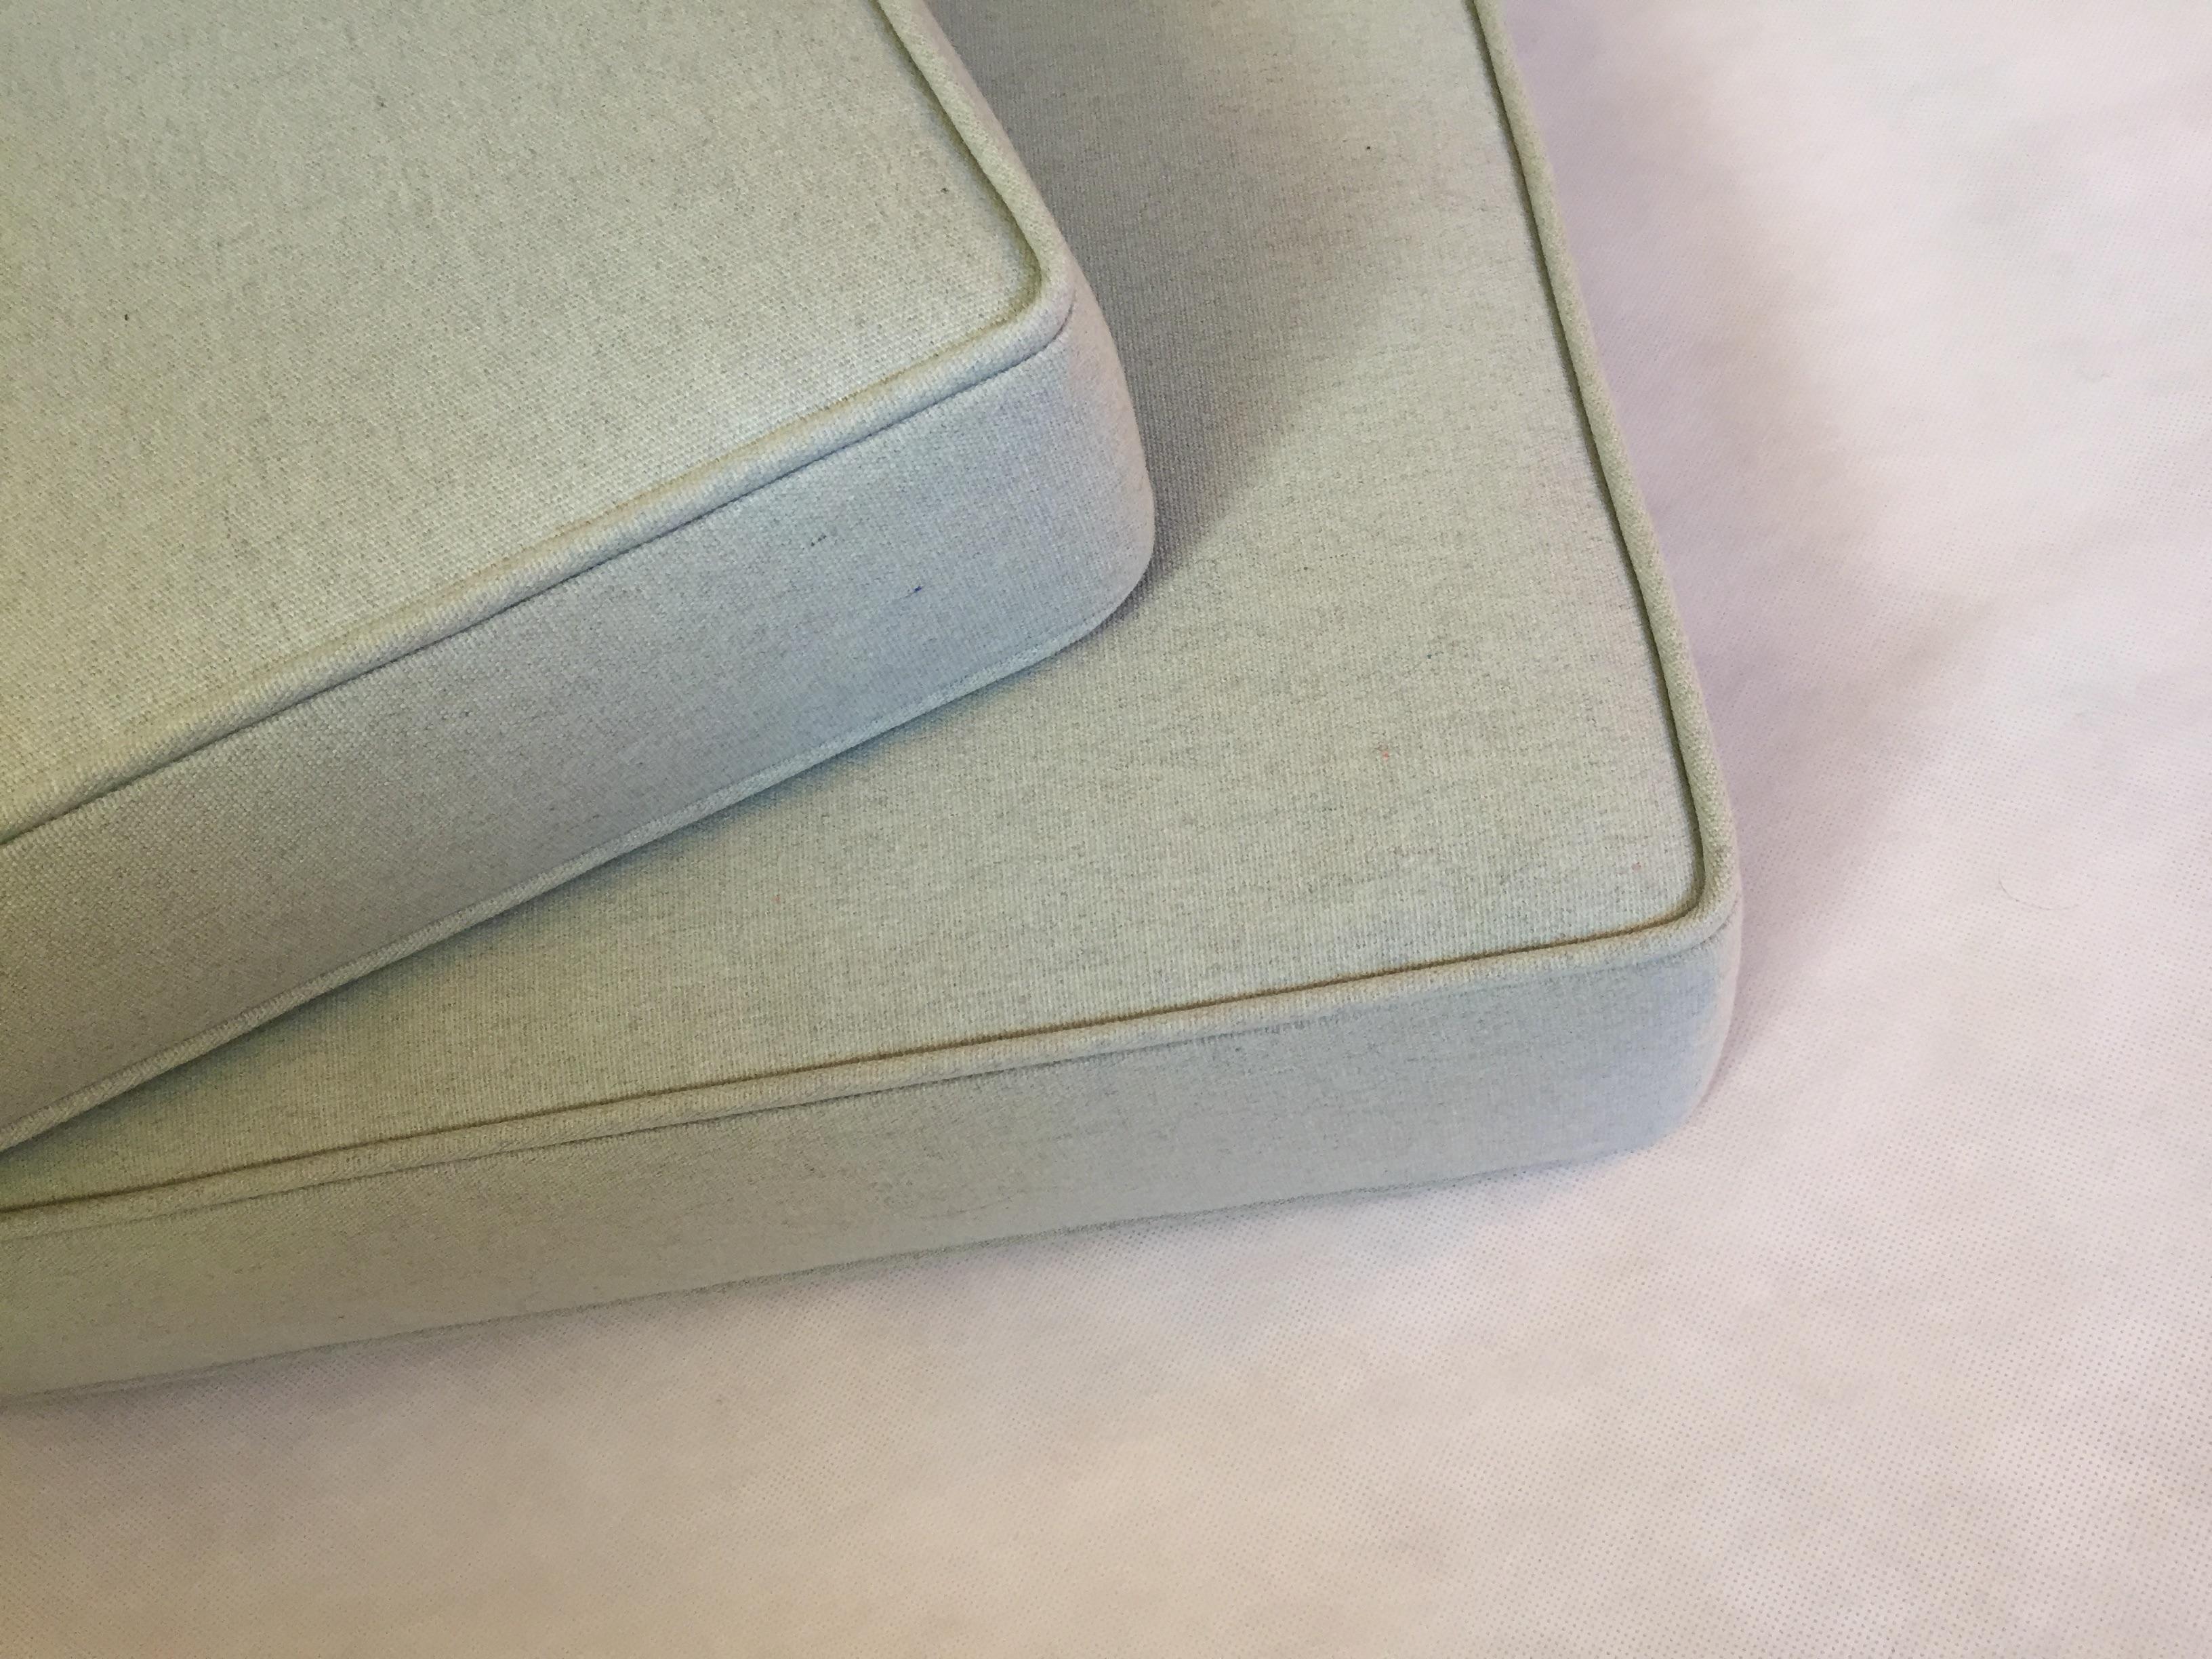 Danish chair cushions